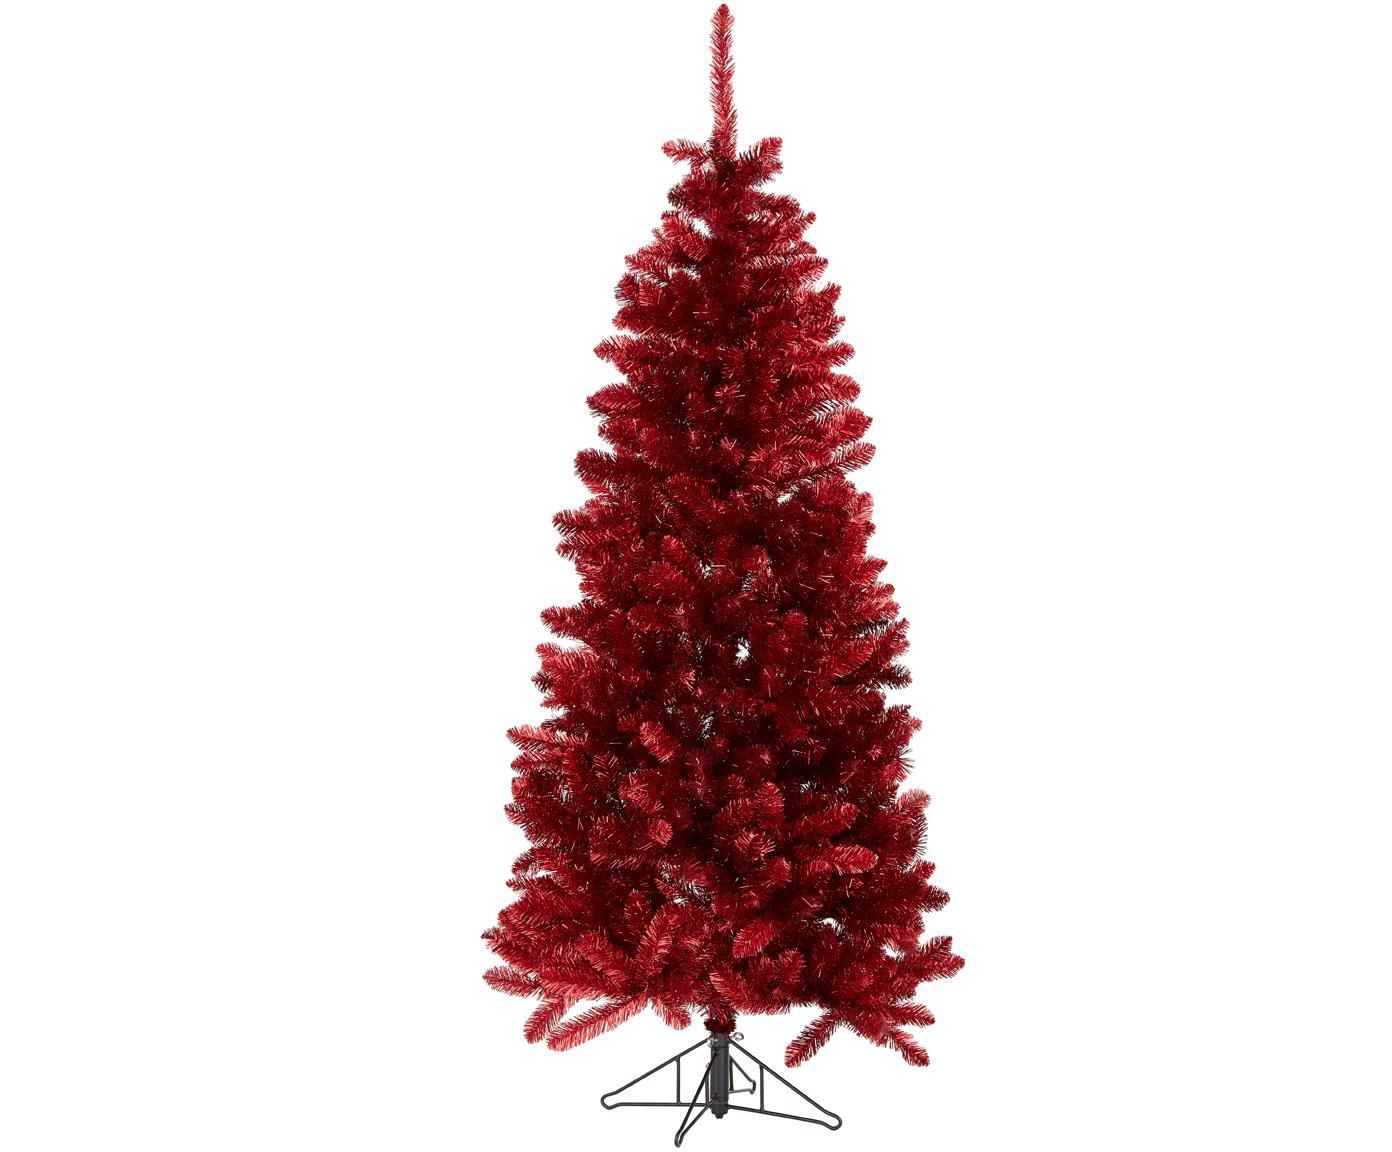 Albero di Natale artificiale Colchester, Materiale sintetico (PVC), Rosso, Ø 84 x Alt. 185 cm